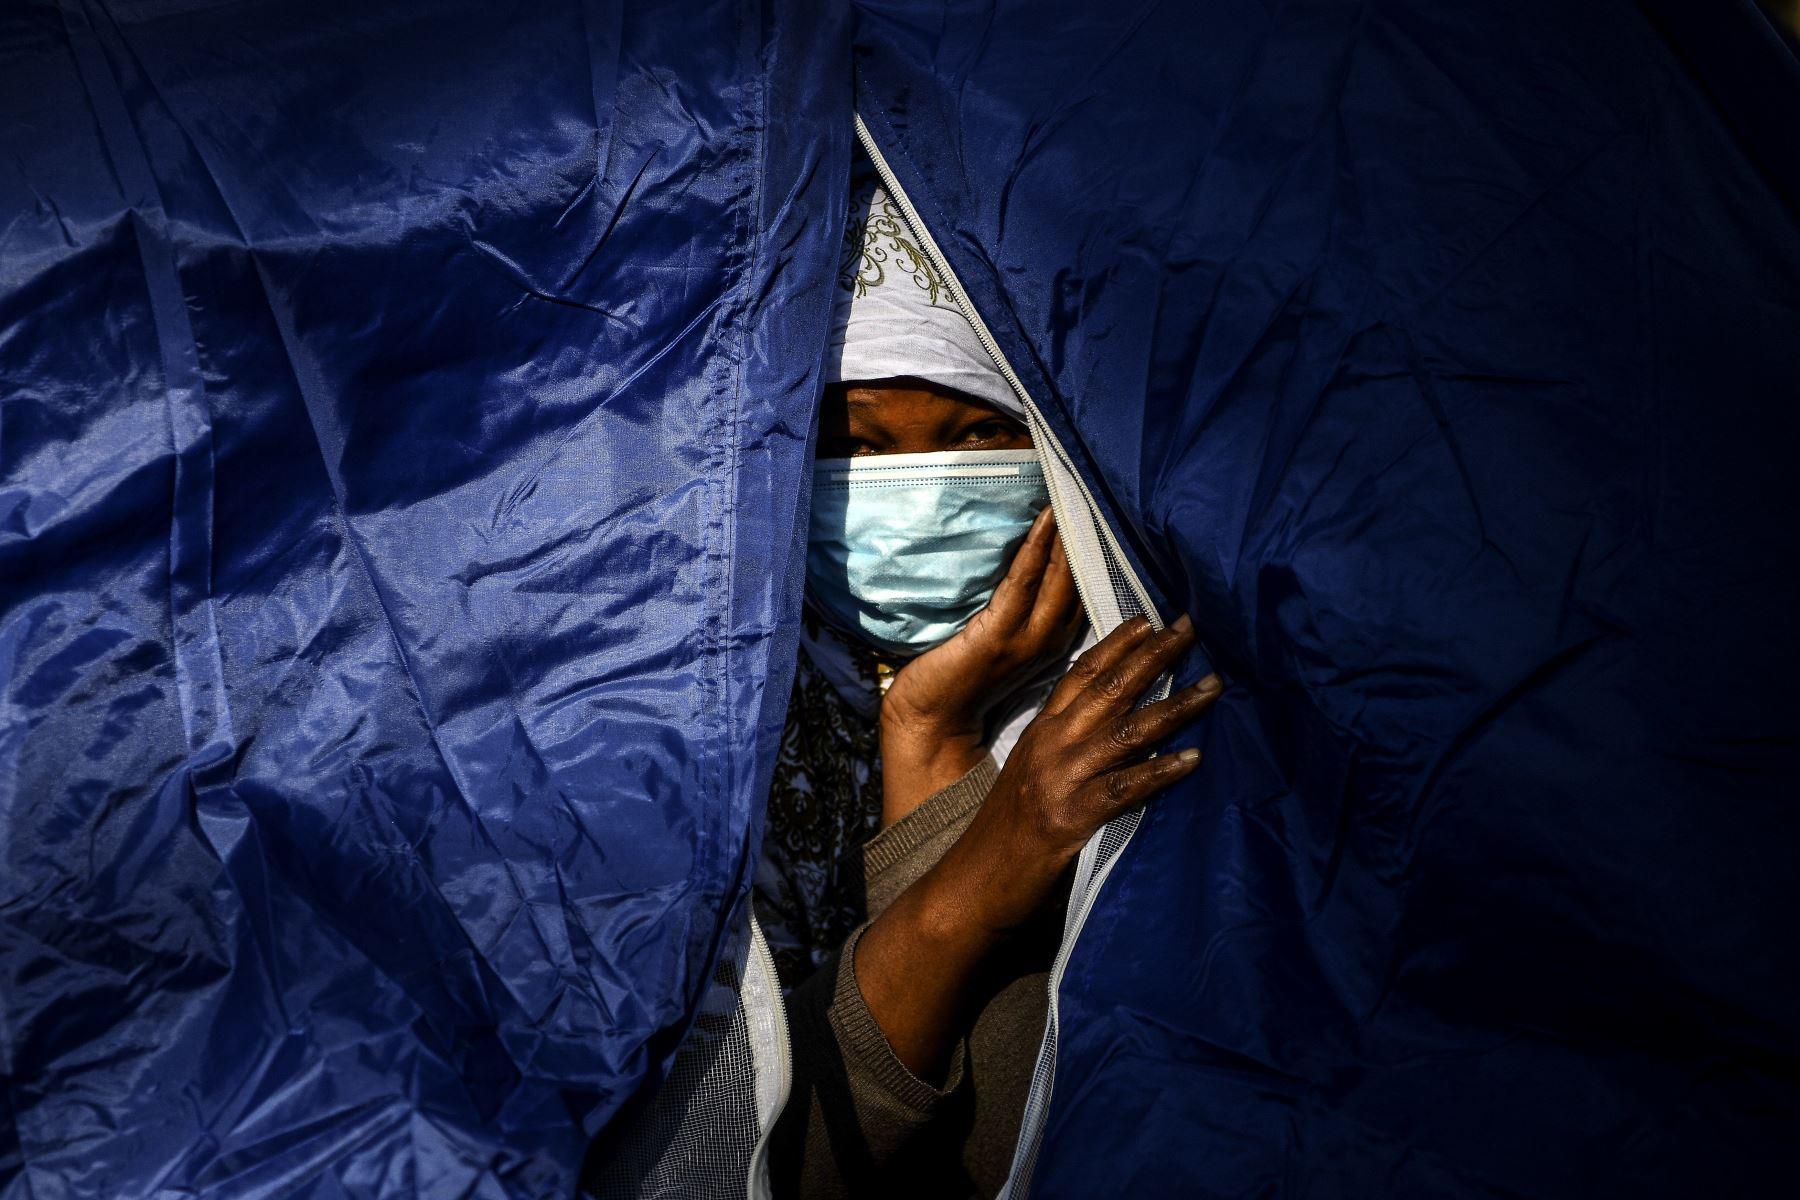 Una mujer somalí se asoma desde su tienda de campaña en un campamento improvisado establecido durante la noche por voluntarios de la organización benéfica Utopia 56 y que alberga a más de 50 migrantes, incluidos refugiados y solicitantes de asilo, a lo largo del Bassin de la Villette en París. Foto: AFP